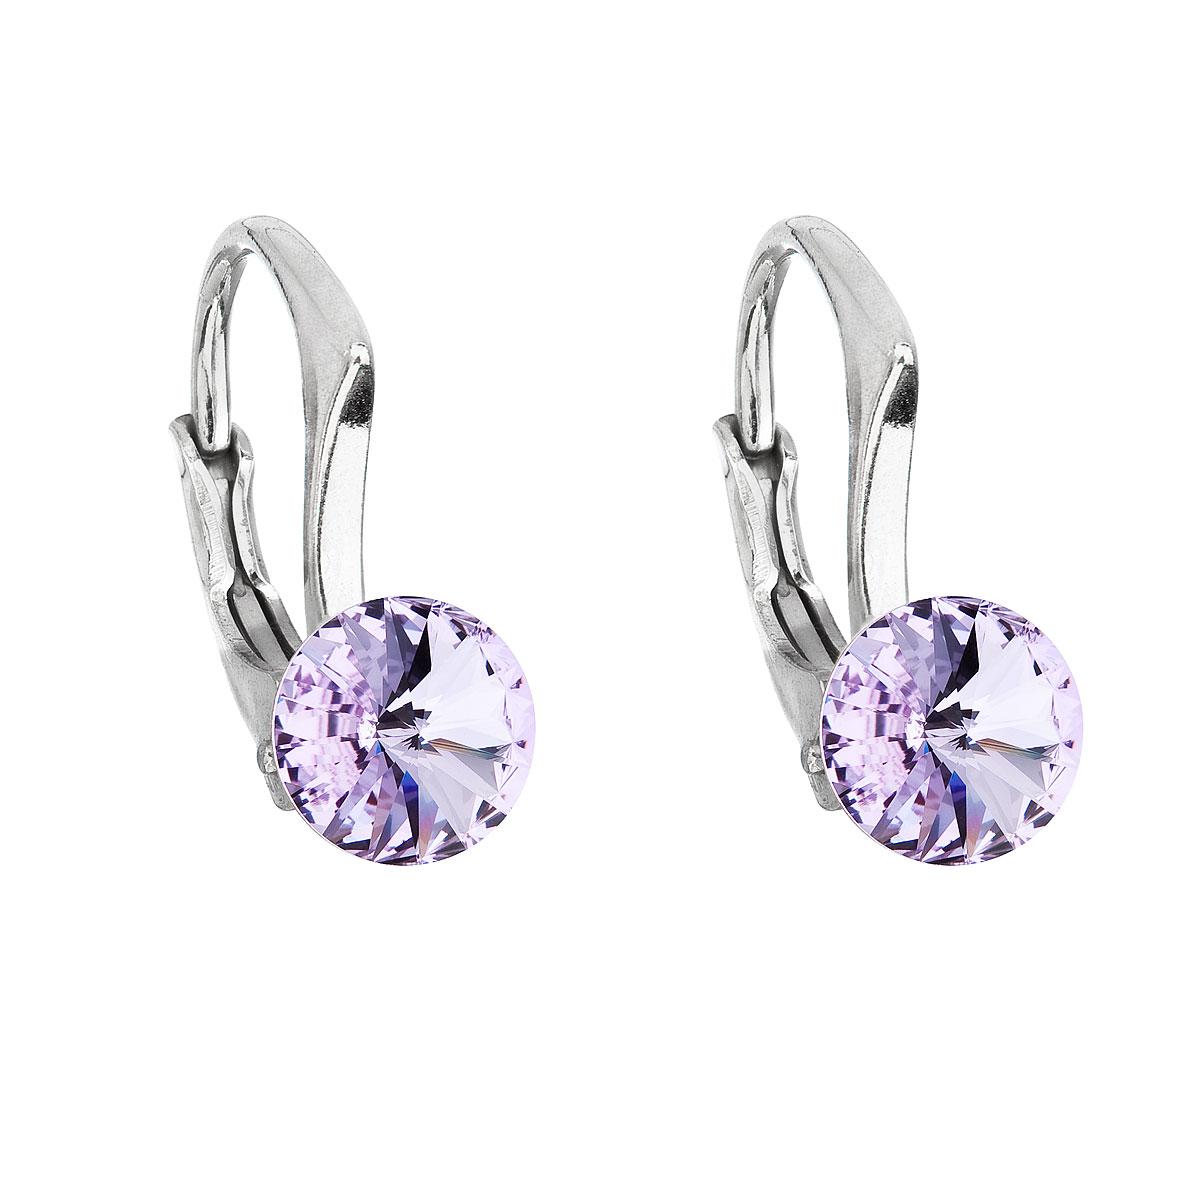 Stříbrné náušnice visací s krystaly Swarovski fialové kulaté 31230.3 violet